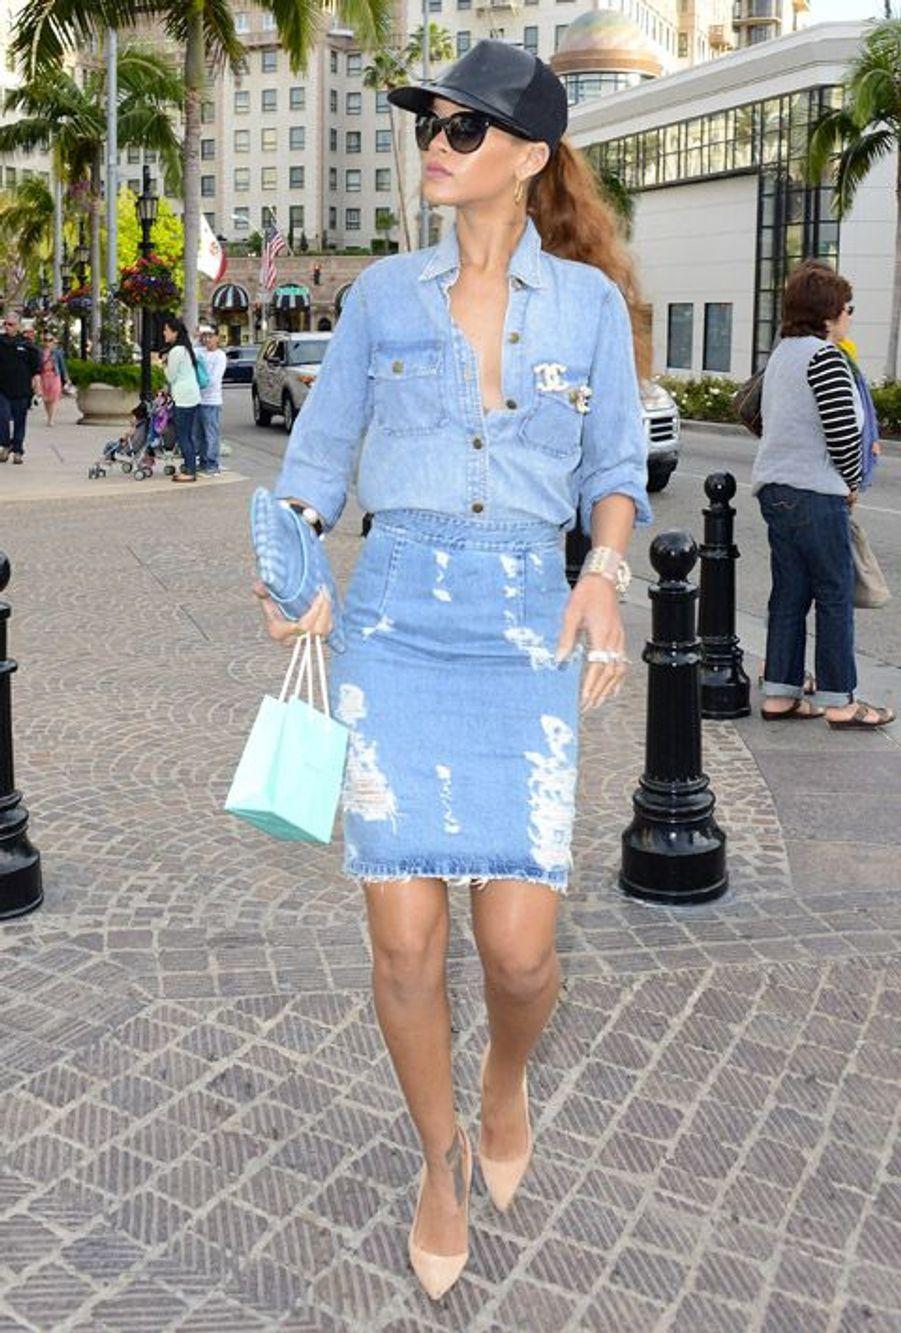 La chanteuse Rihanna opte pour un style denim en jupe et stilettos rose bonbon